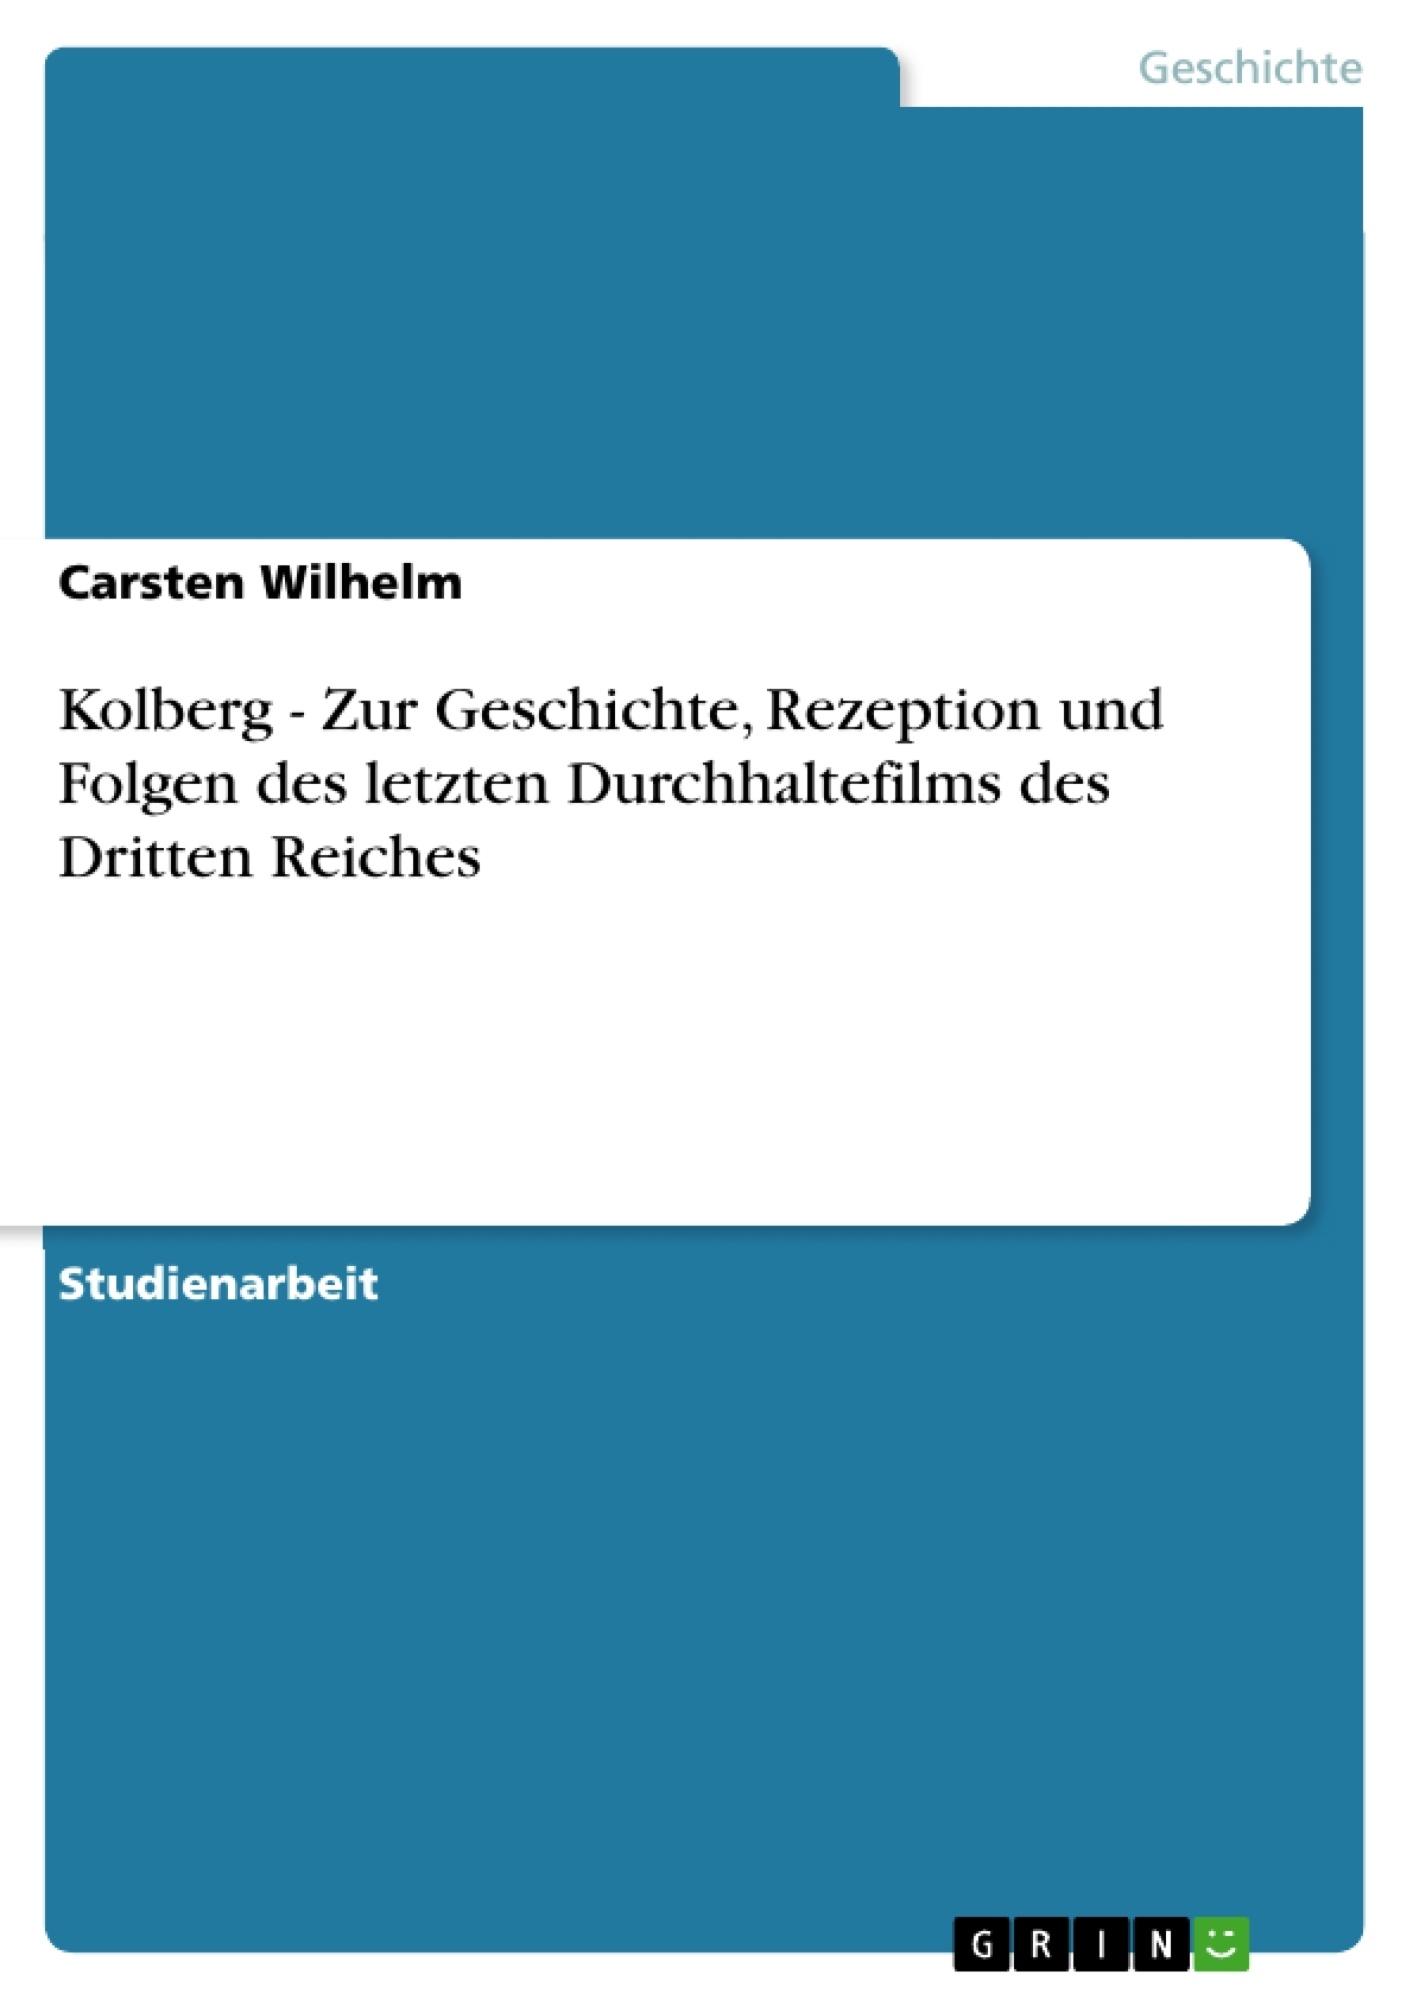 Titel: Kolberg - Zur Geschichte, Rezeption und Folgen des letzten Durchhaltefilms des Dritten Reiches